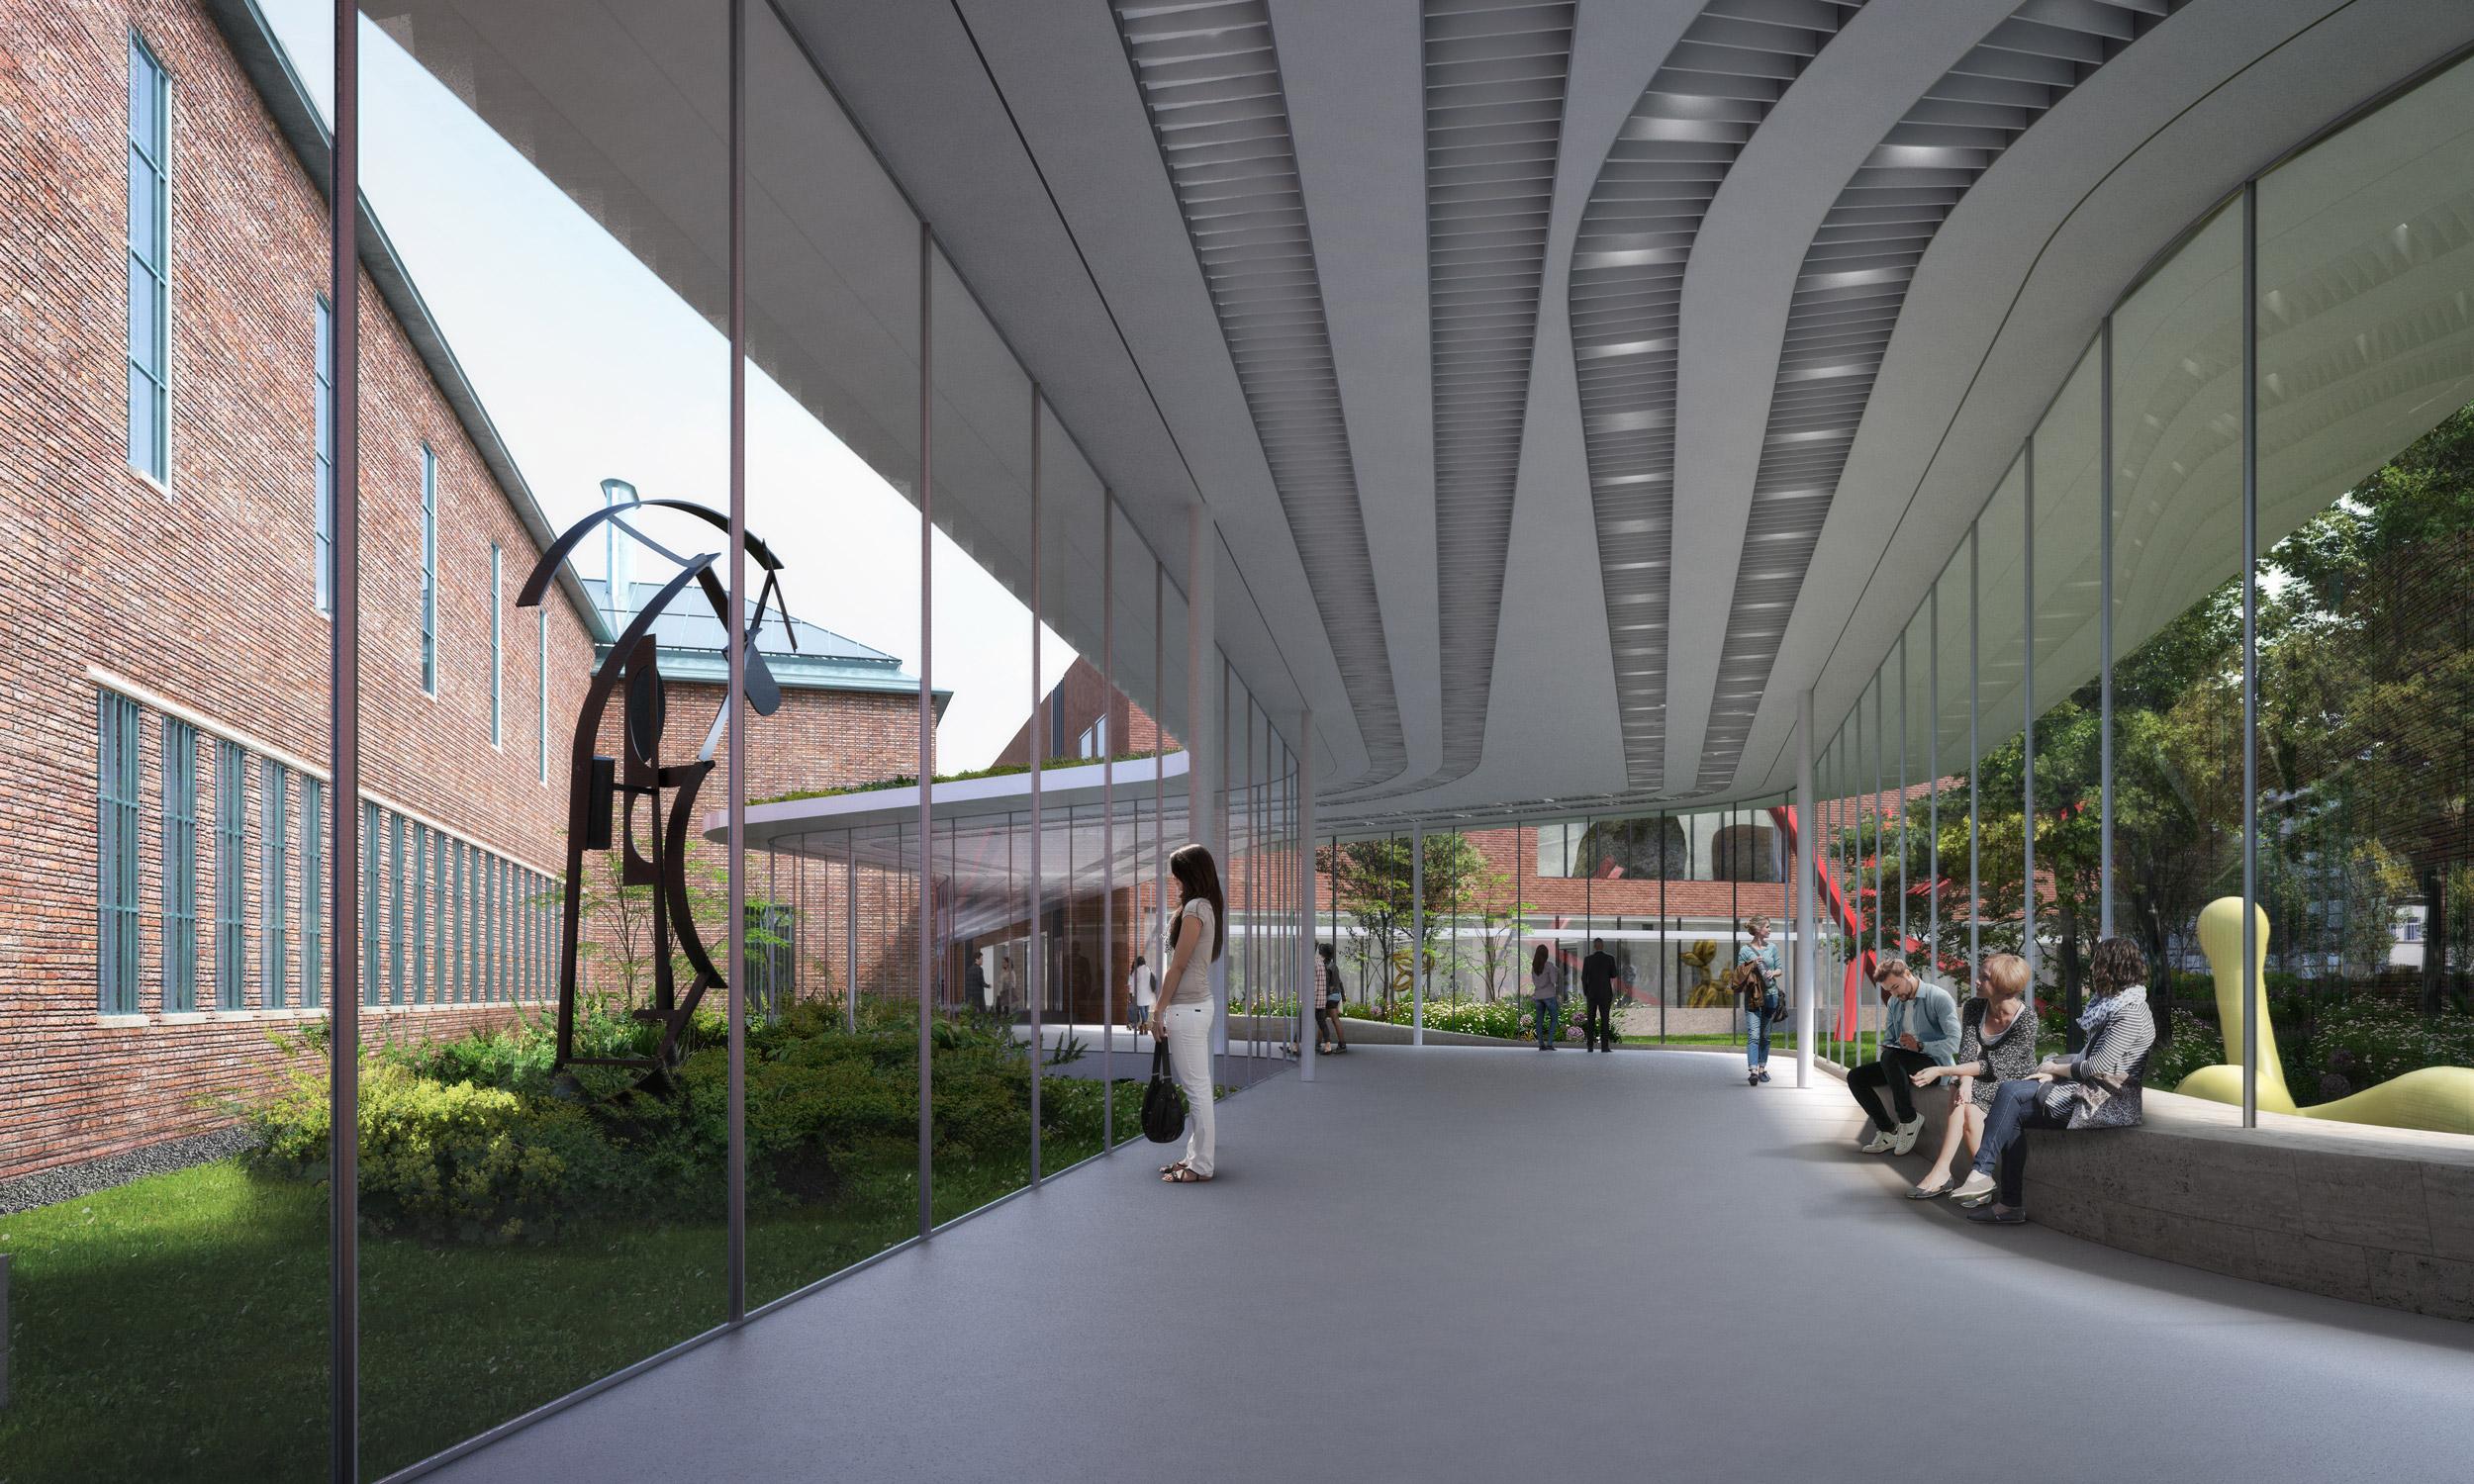 7-Museum-Boijmans-Van-Beuningen—Passage-connector